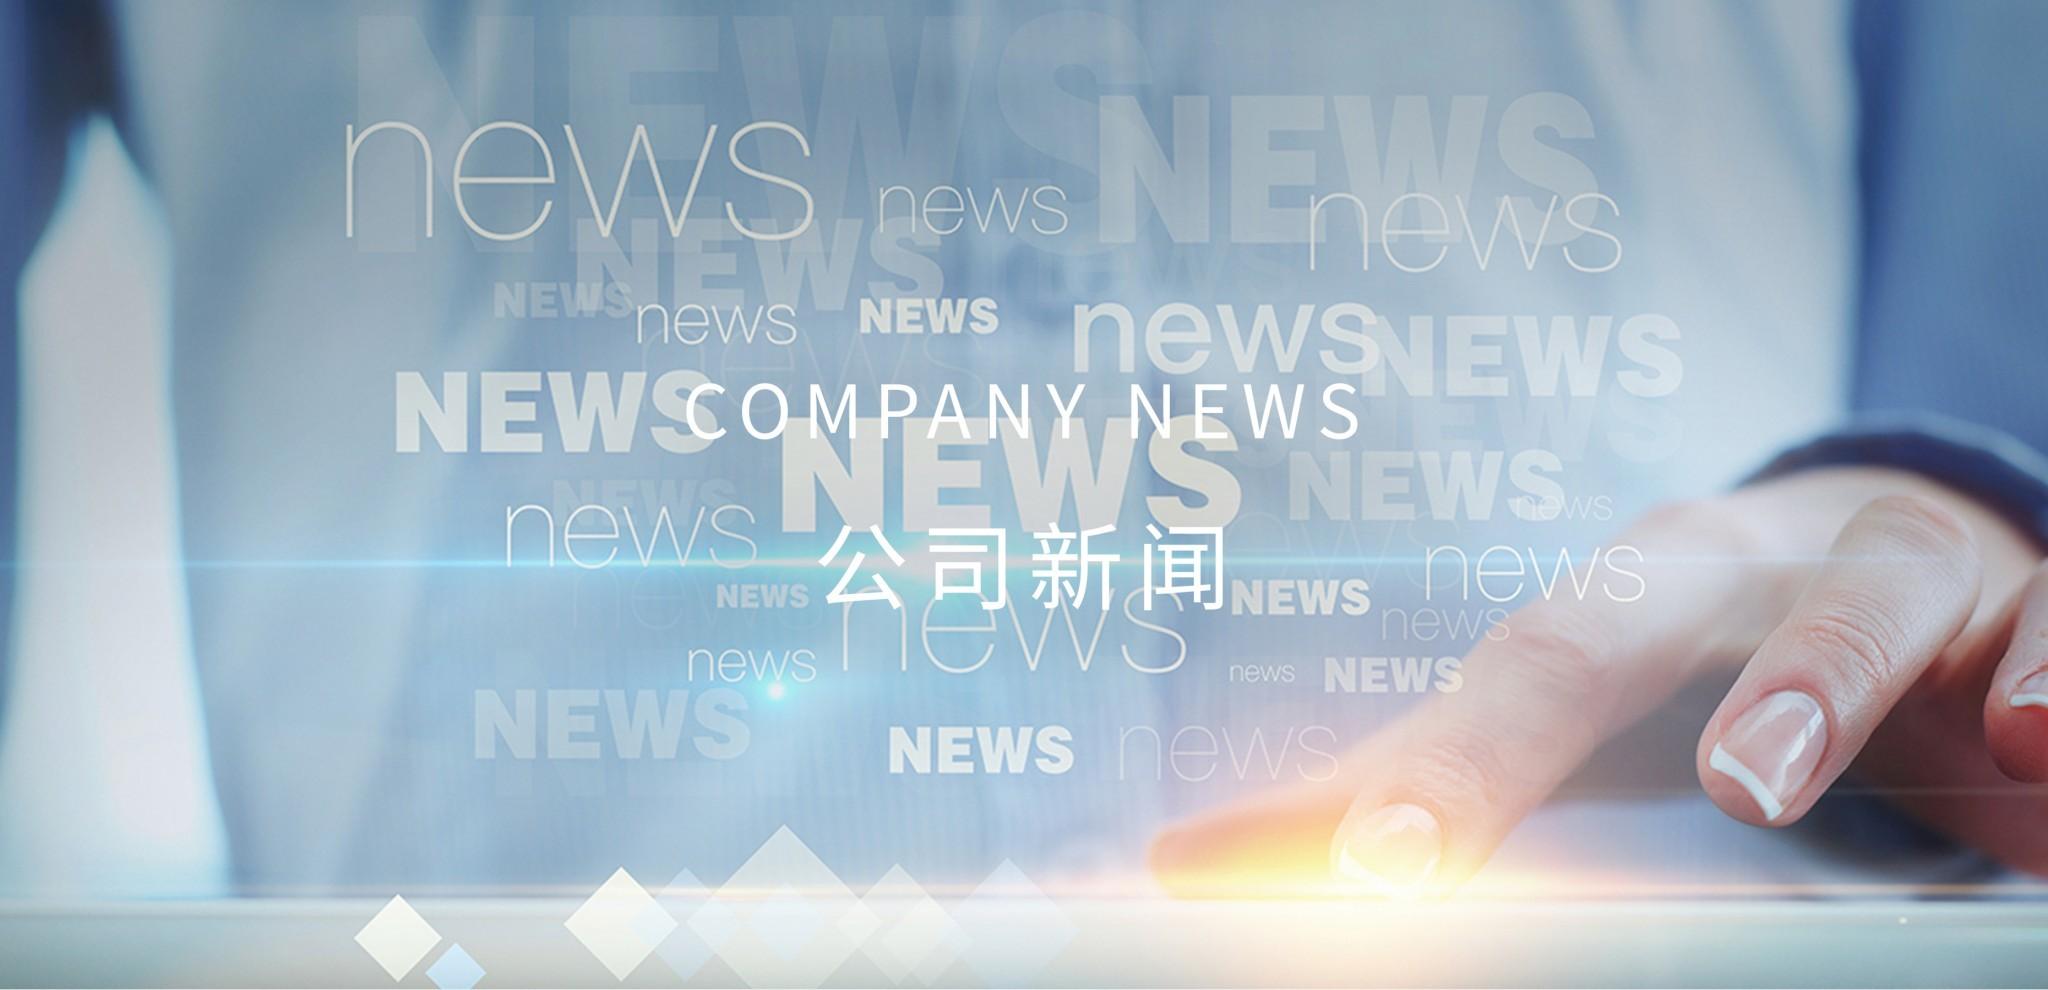 01公司新闻